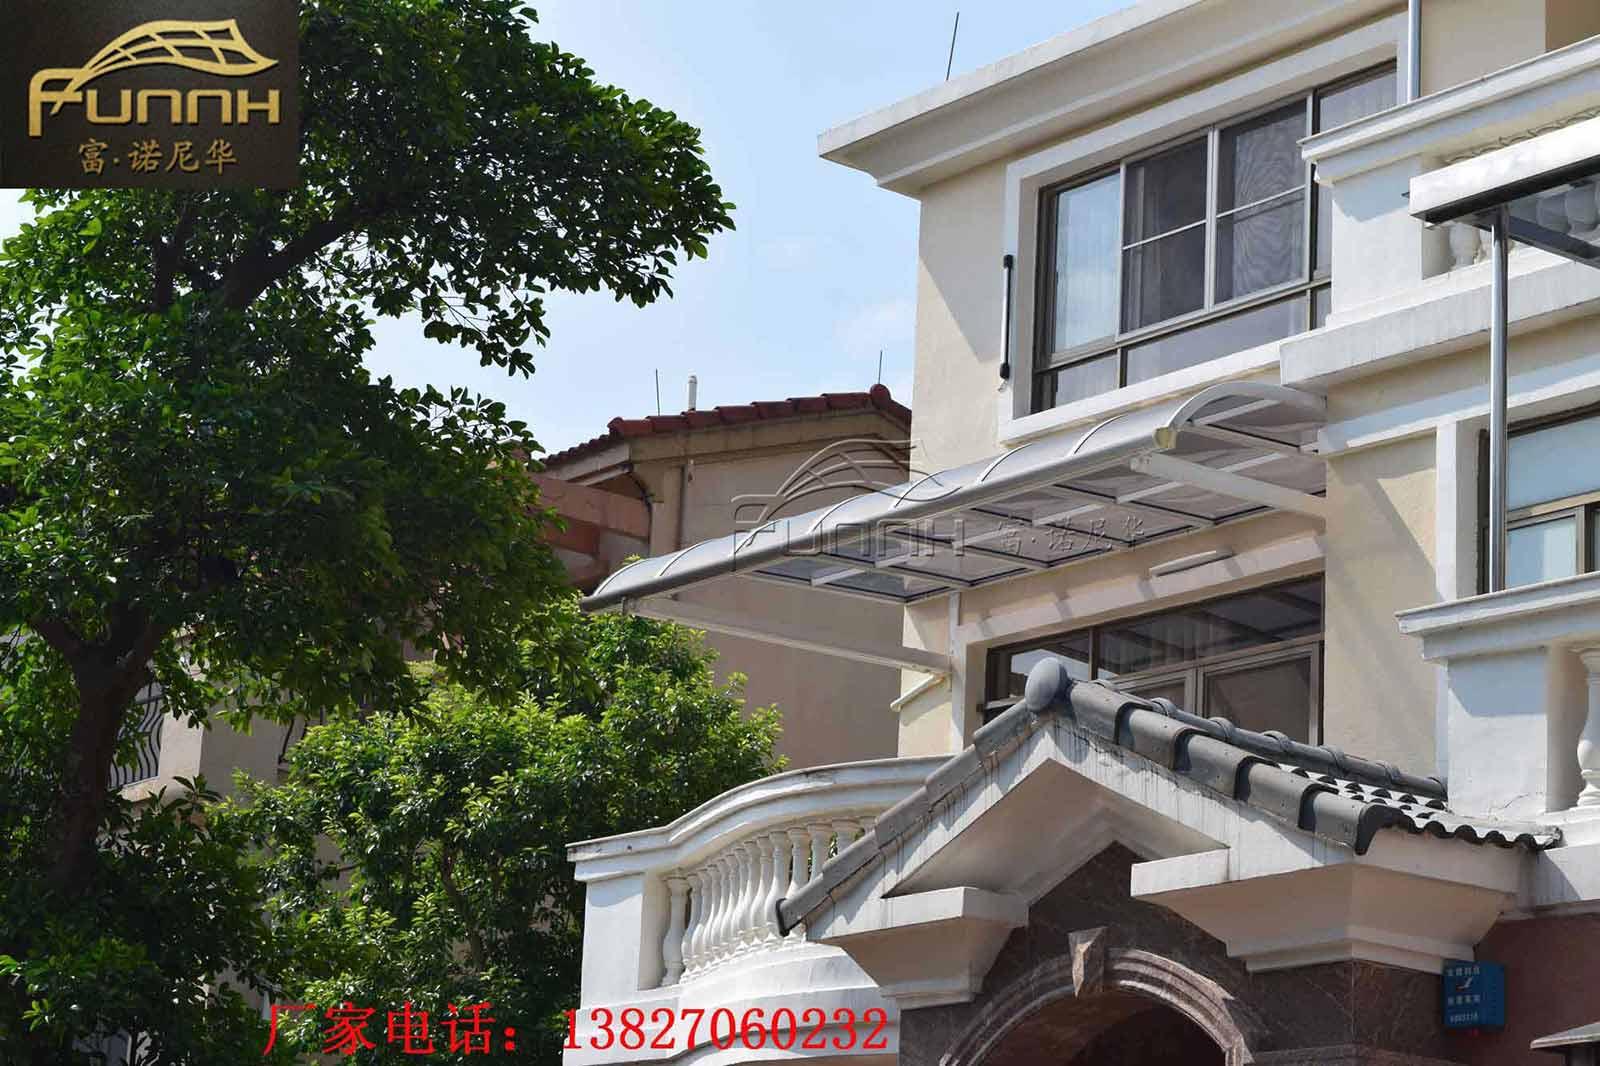 定制鋁合金窗棚 別墅樓頂天臺遮陽露臺棚 pc耐力板雨搭